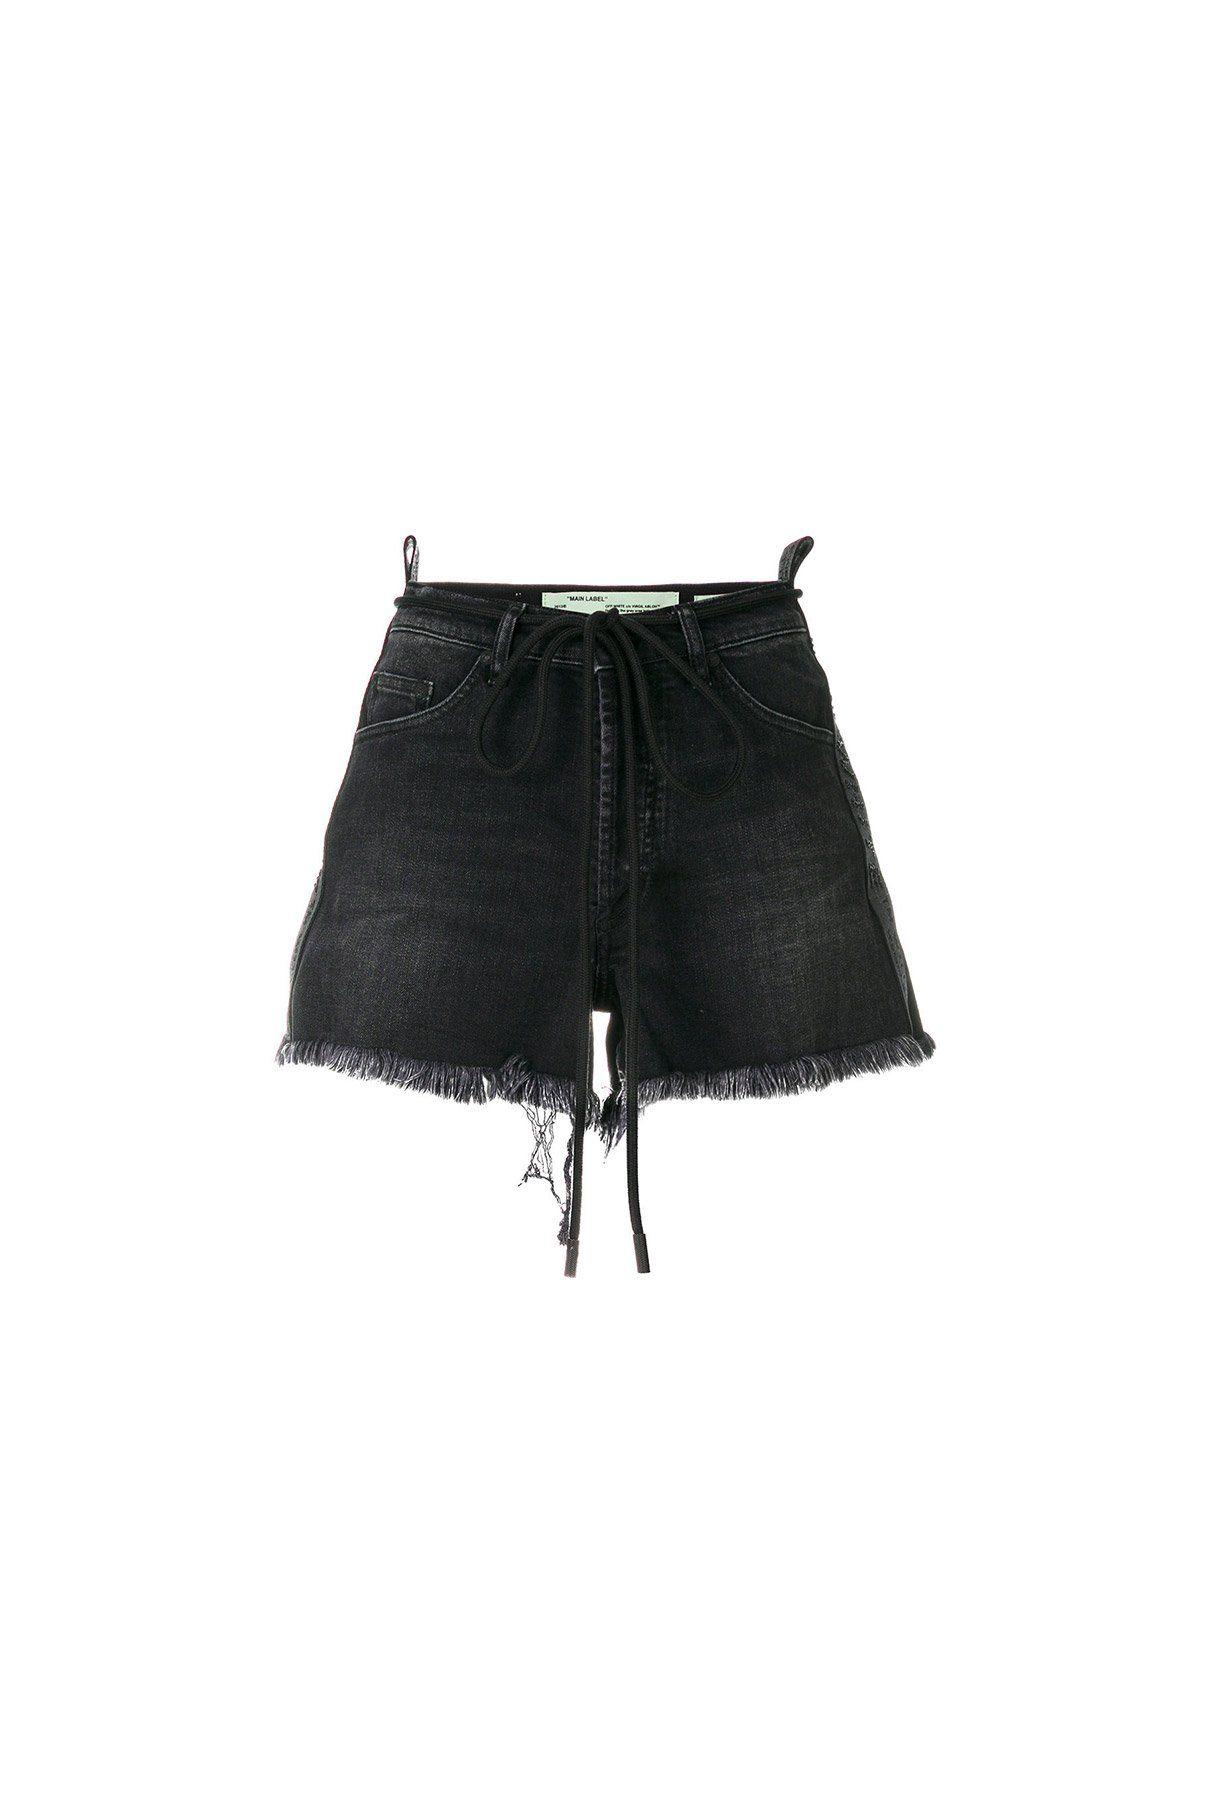 74162f547 {Off-White / 01 clothing / 03 bottom / 03 short} Crystal 5 Pocket Denim  Shorts